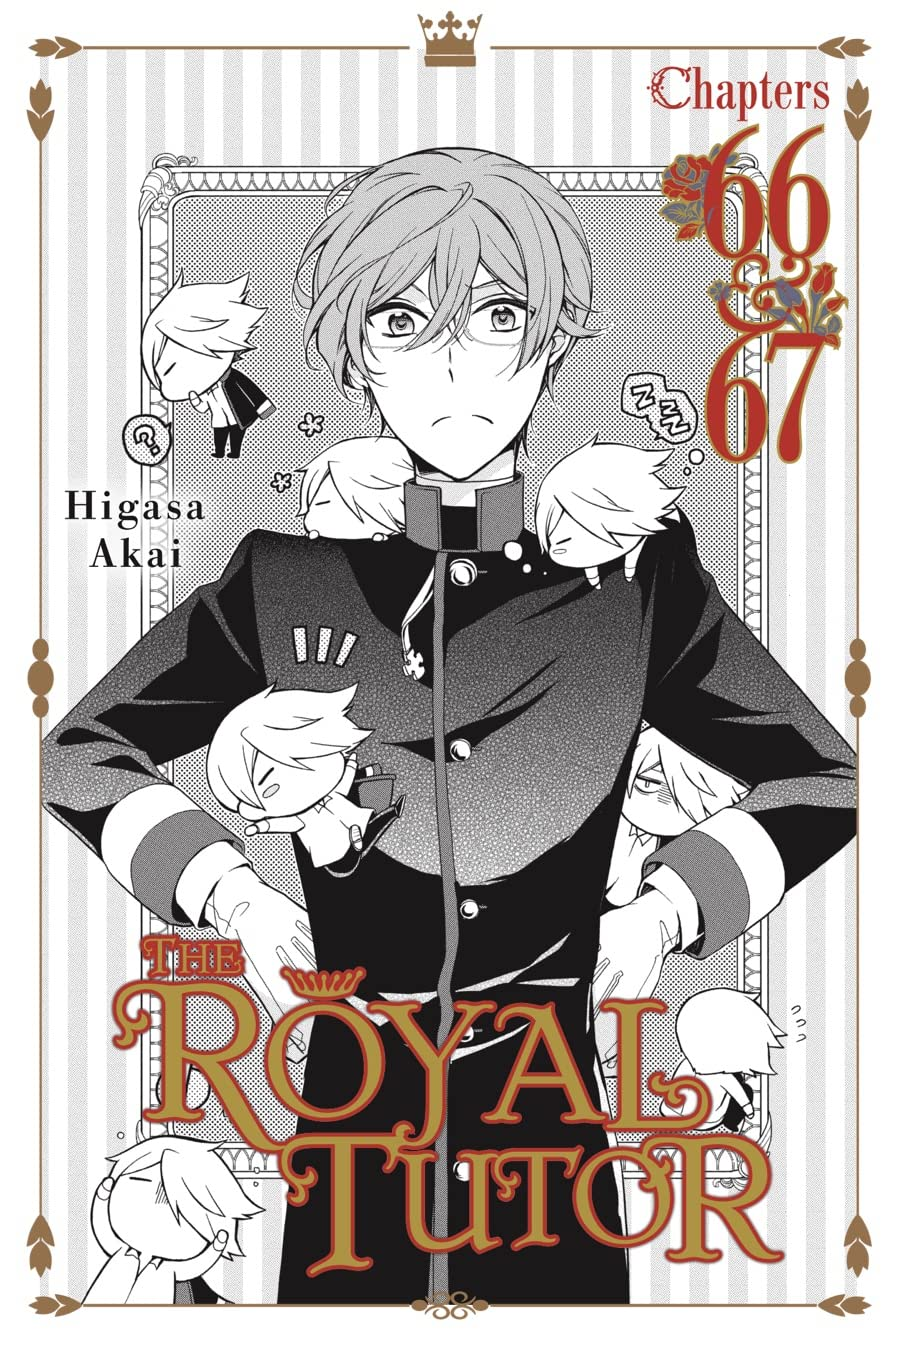 The Royal Tutor #66